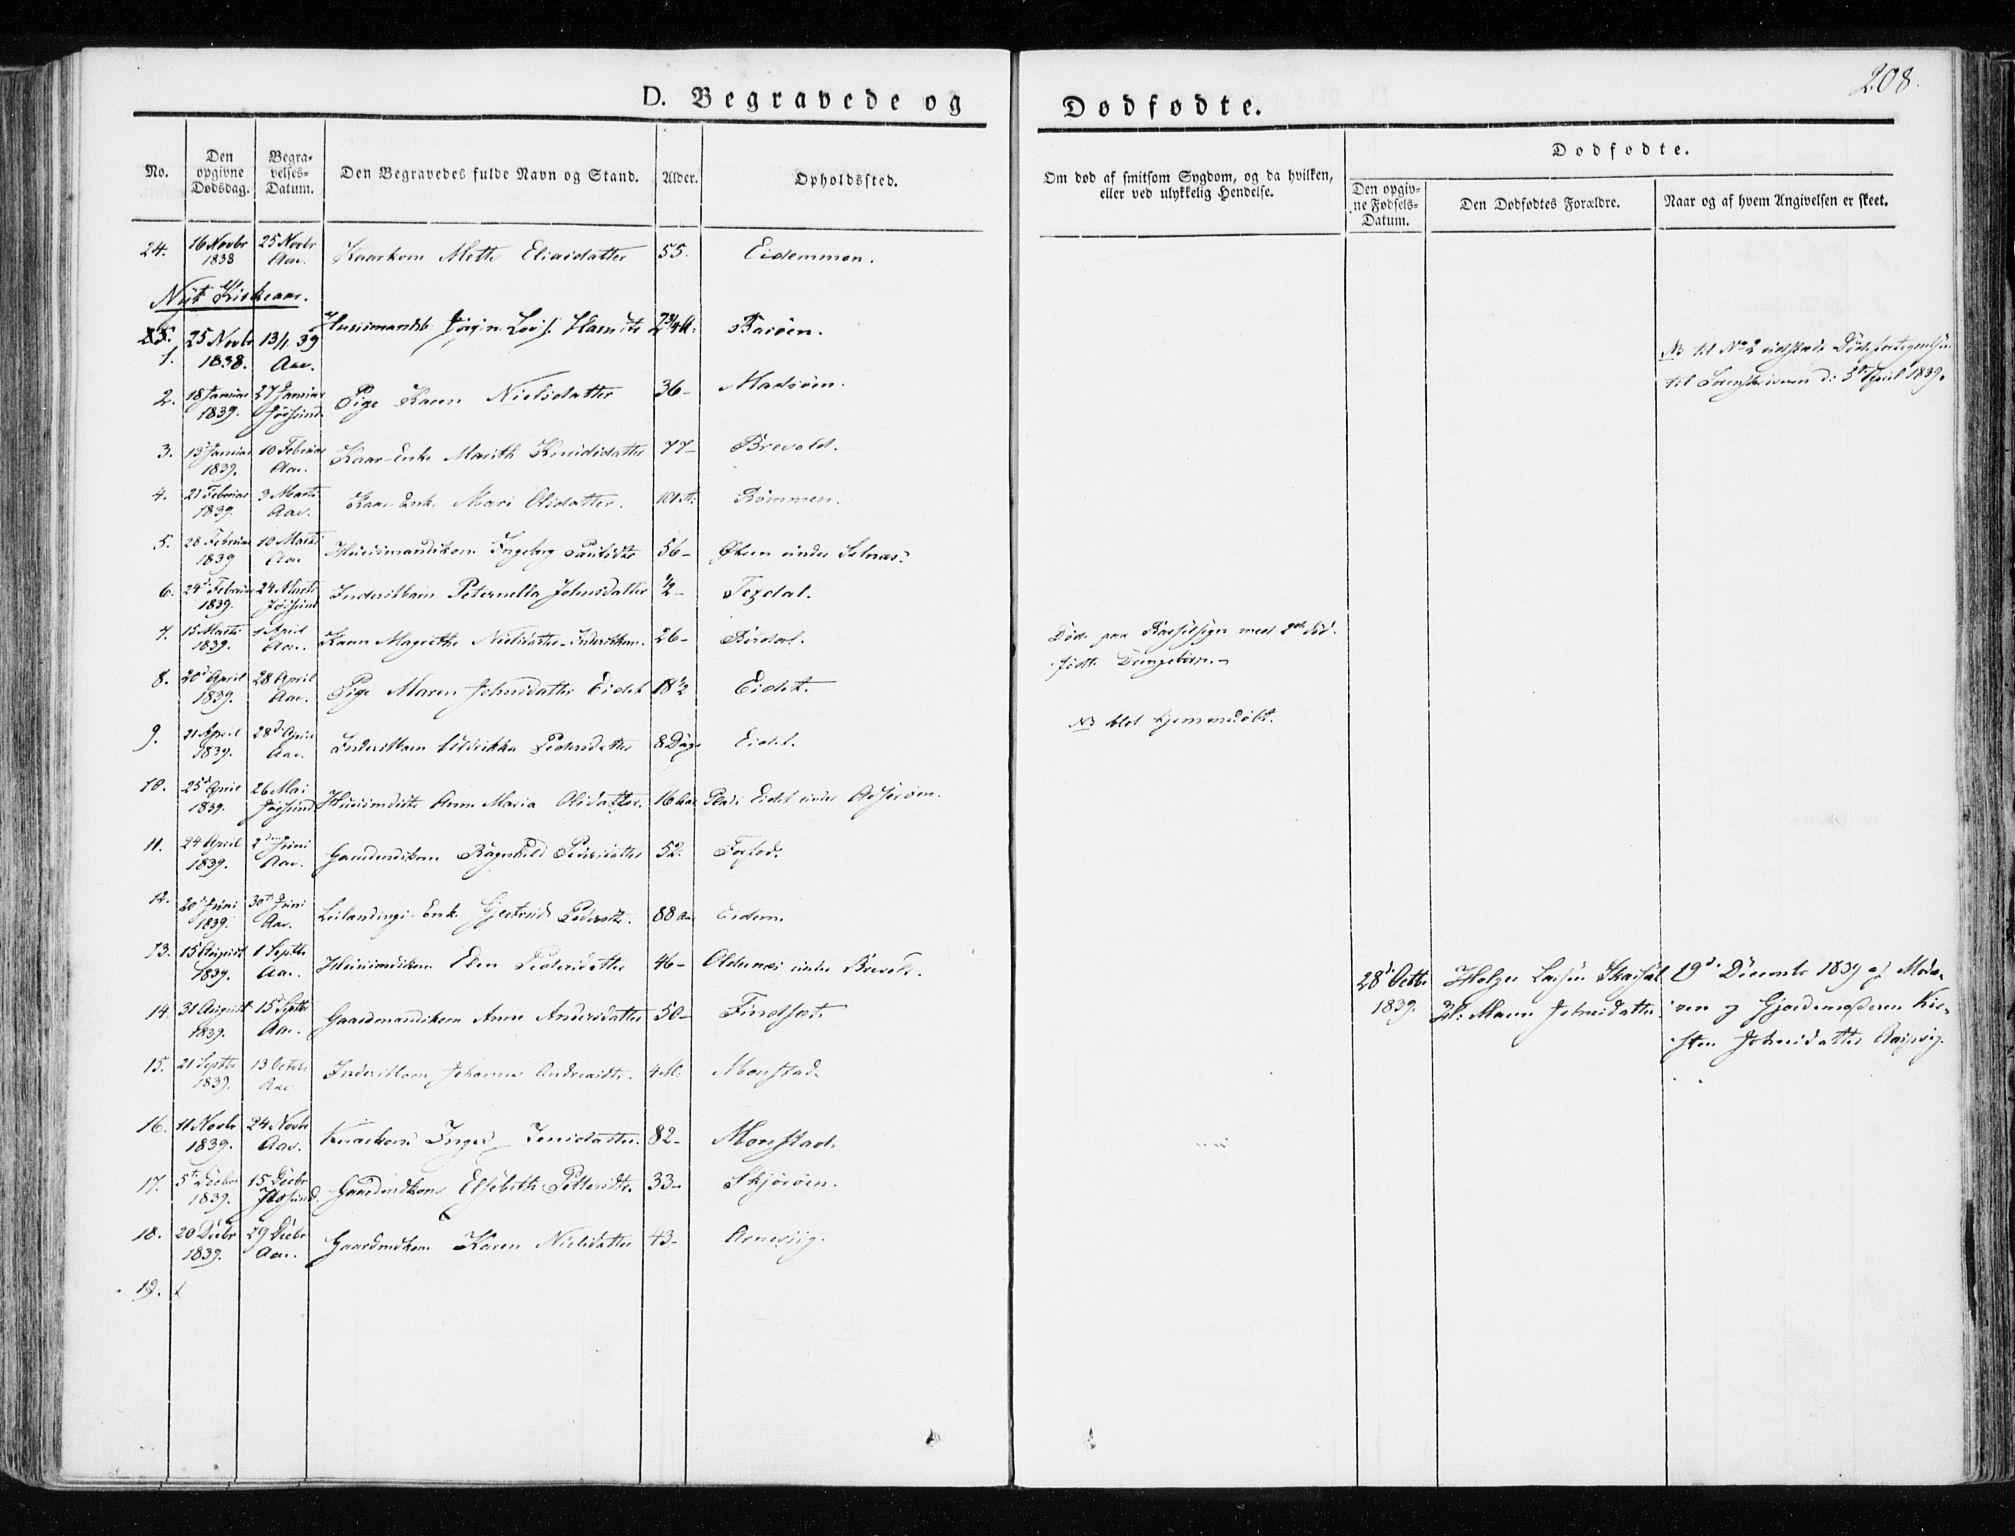 SAT, Ministerialprotokoller, klokkerbøker og fødselsregistre - Sør-Trøndelag, 655/L0676: Ministerialbok nr. 655A05, 1830-1847, s. 208